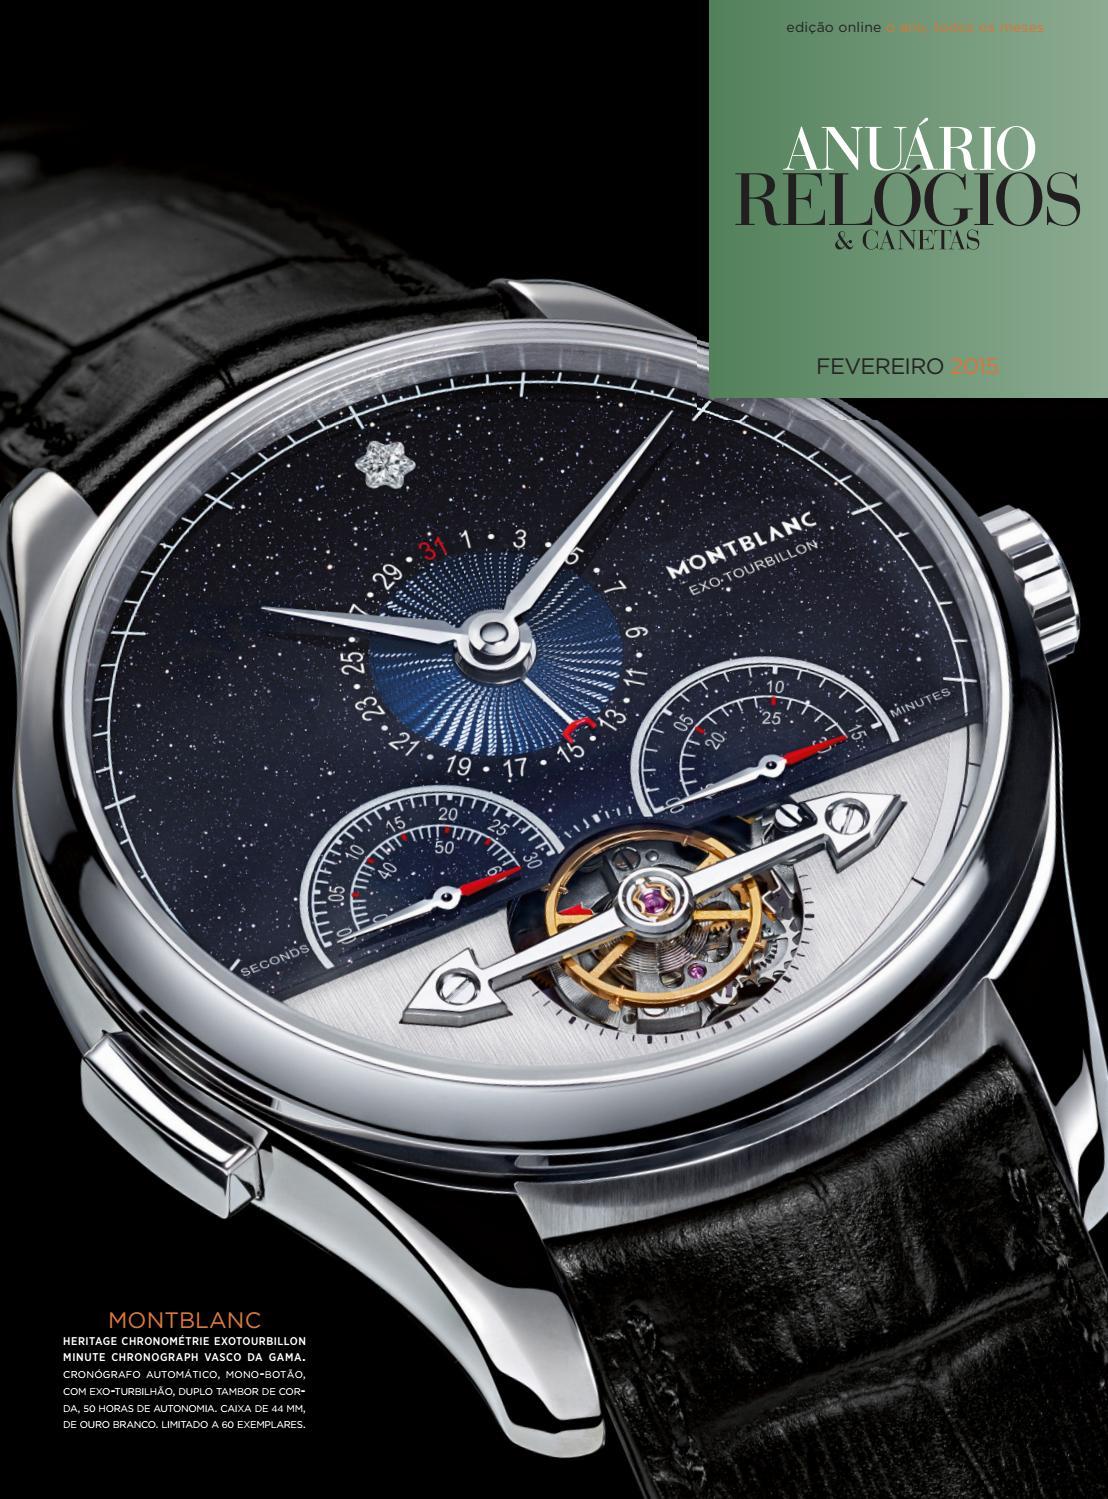 1ce1403b8a4 Anuário Relógios   Canetas - Fevereiro 2015 by Anuário Relógios   Canetas -  issuu